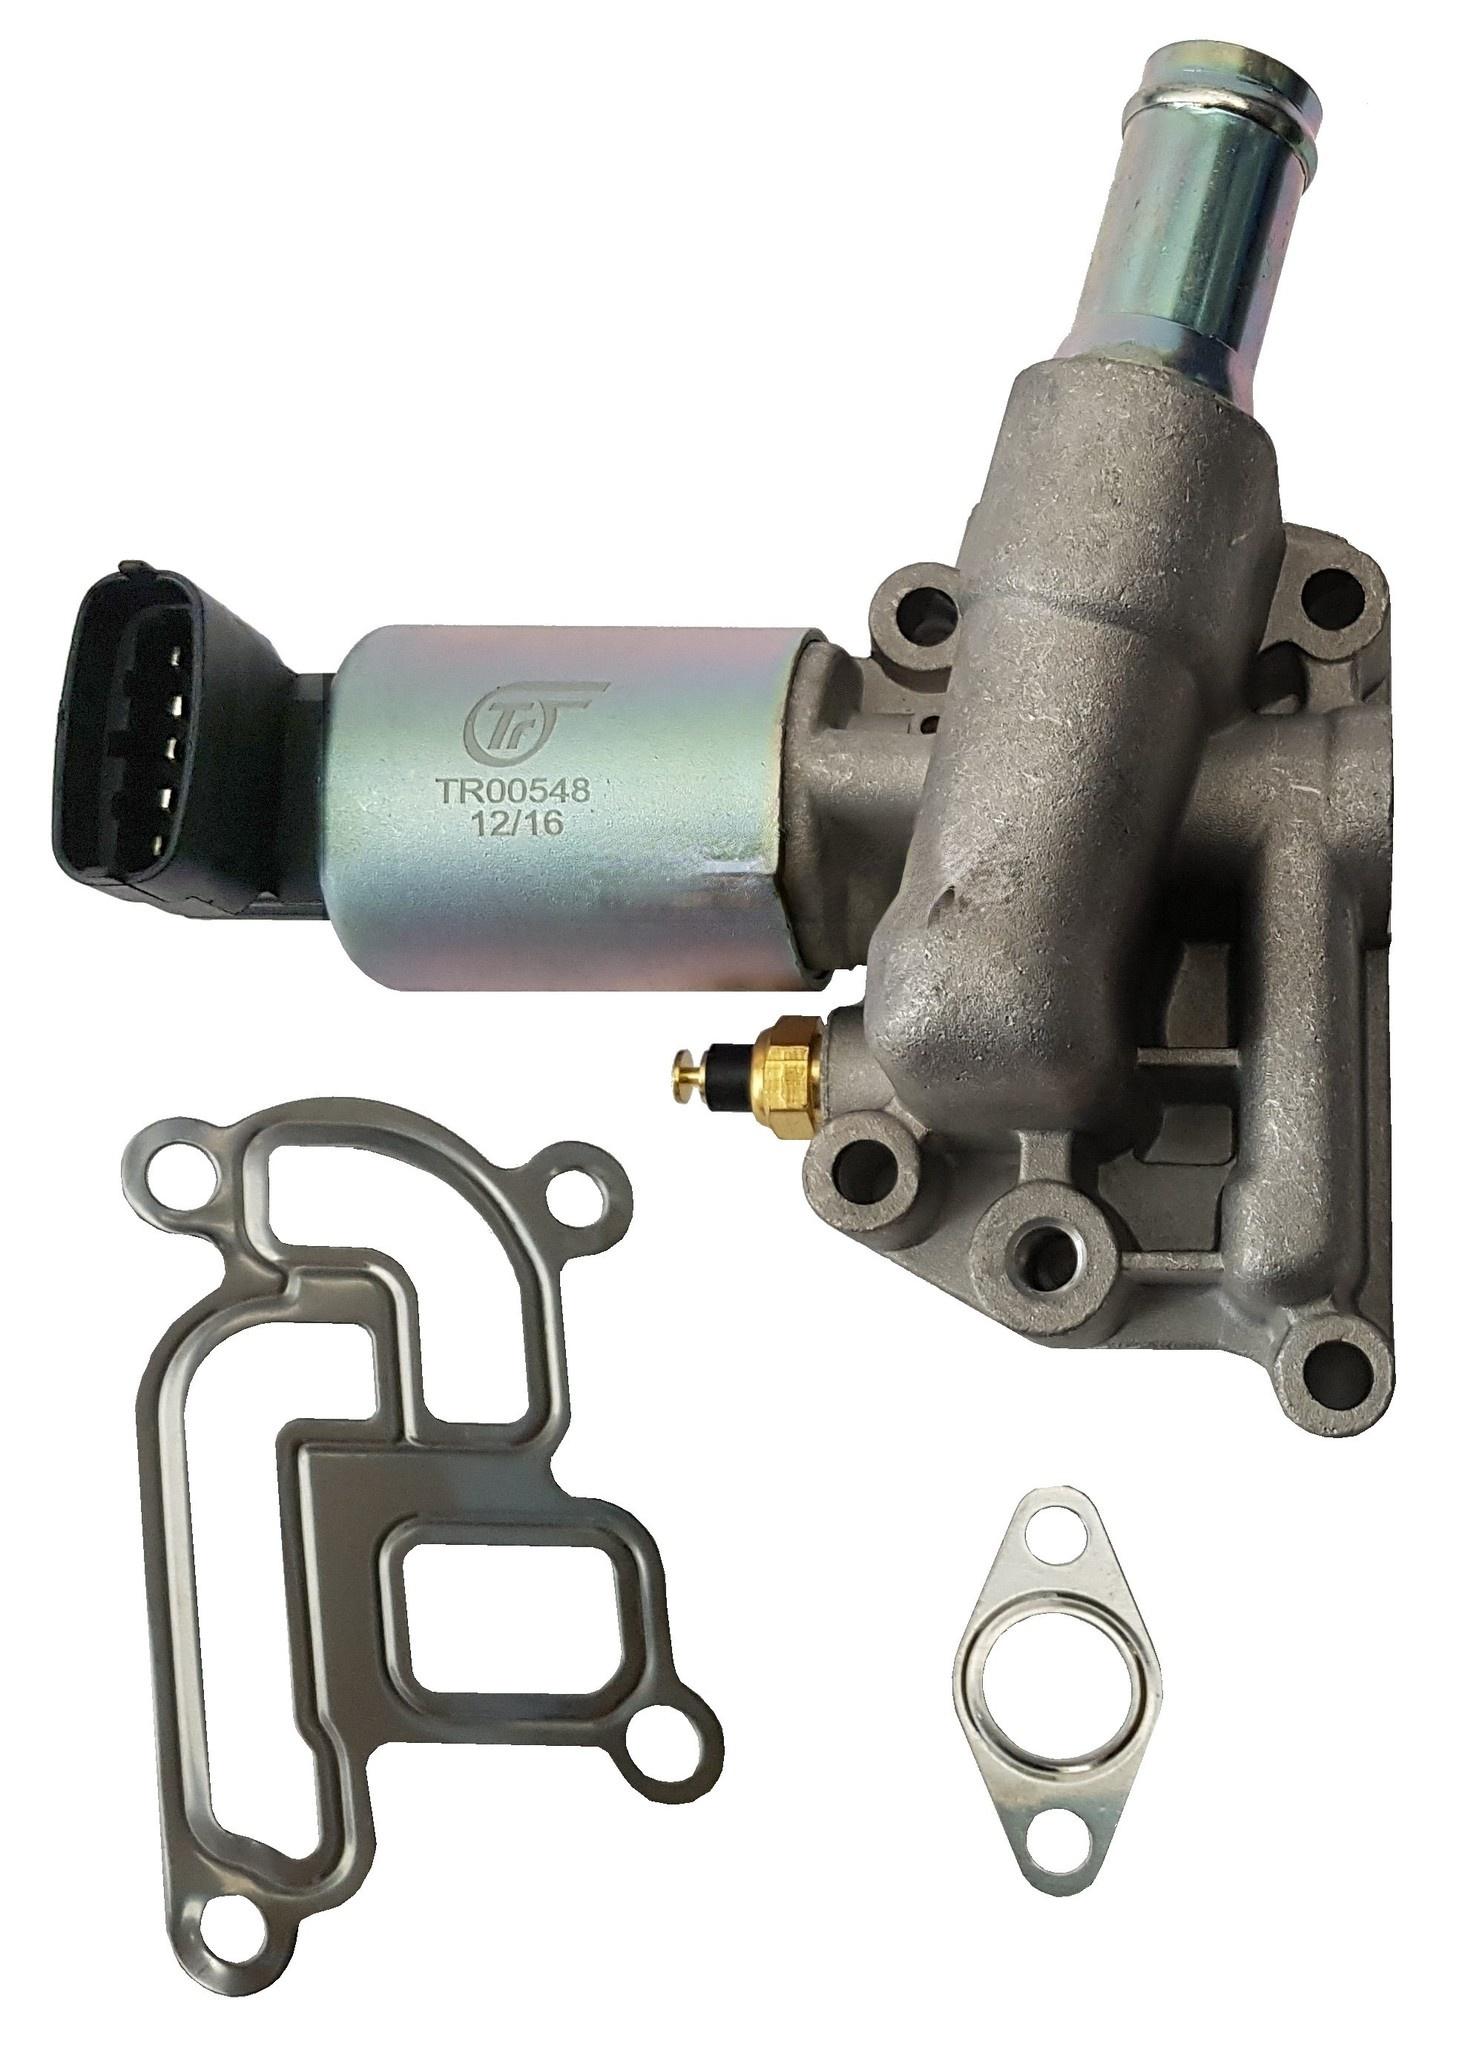 EGR ventil - TR00548 Opel Corsa 1.0 EGR/AGR ventily prémiové kvality